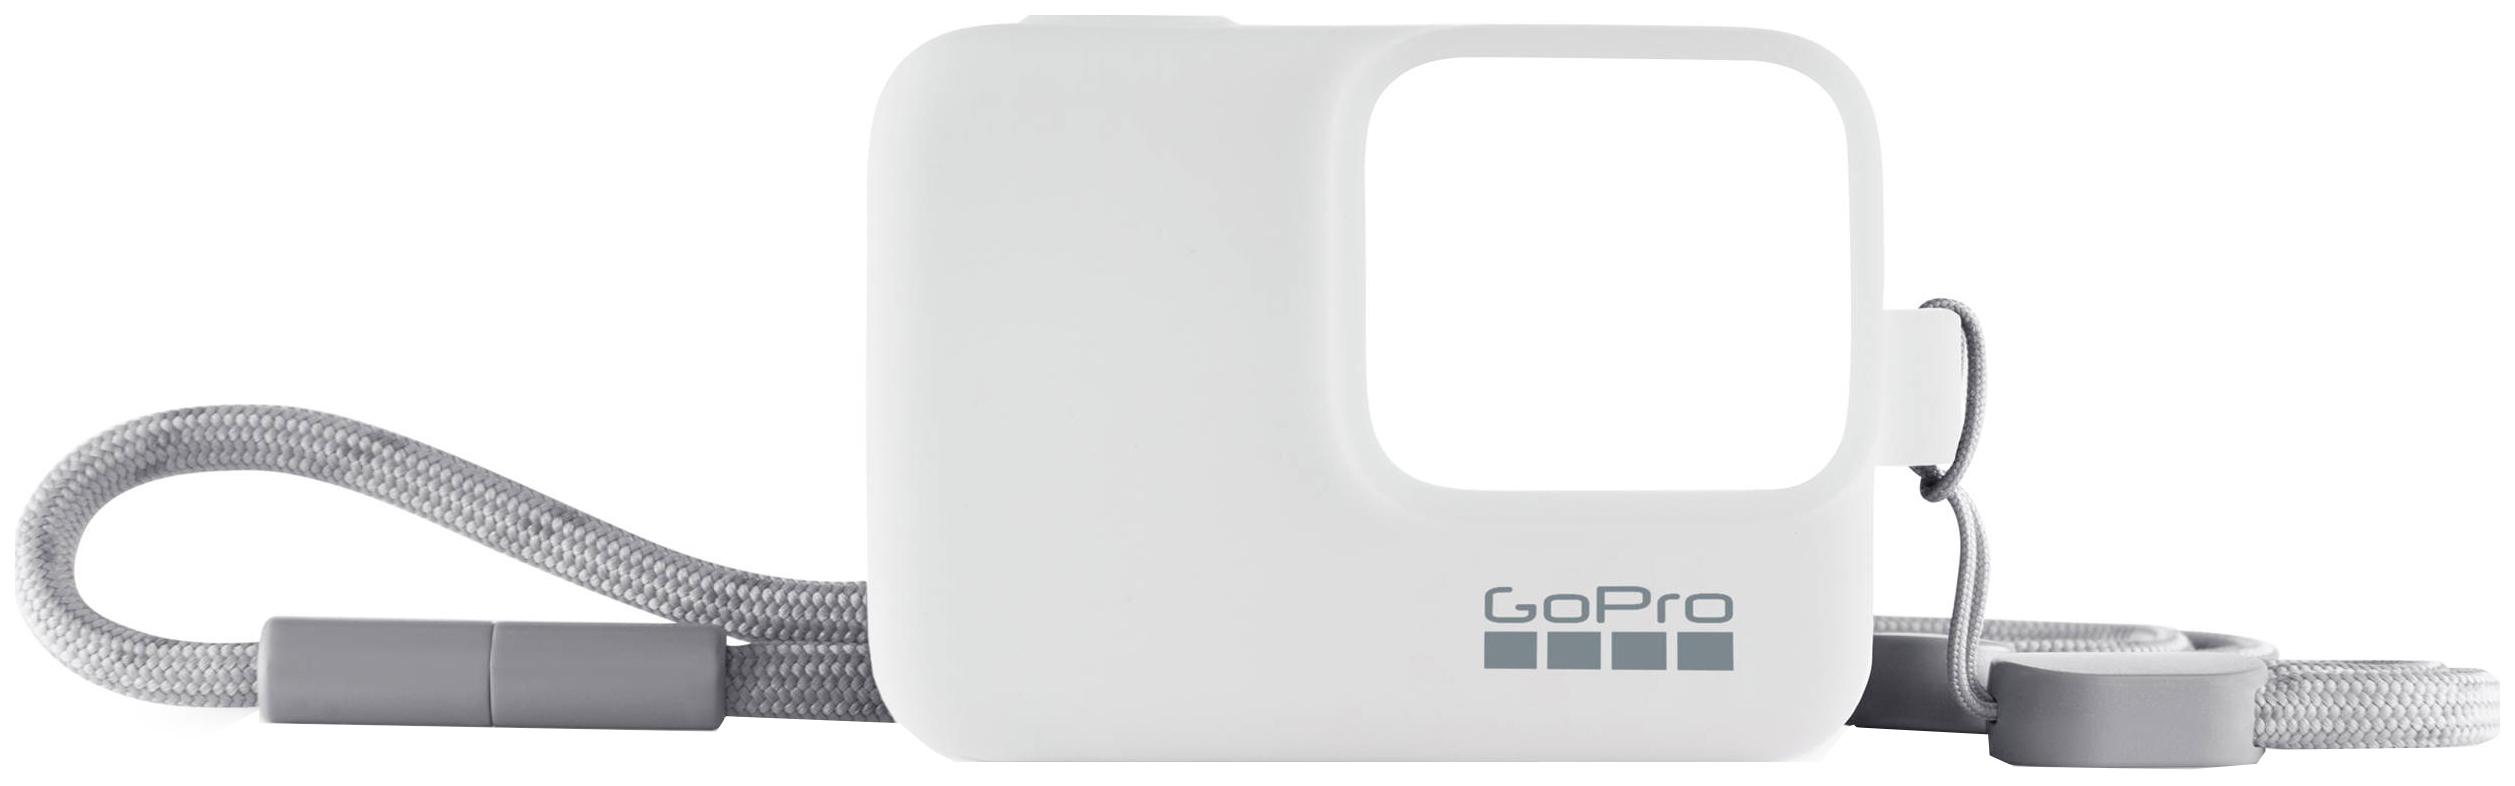 Чехол для экшн-камеры Lanyard ACSST-002, Силиконовый чехол с ремешком белый (ACSST-002)  - купить со скидкой